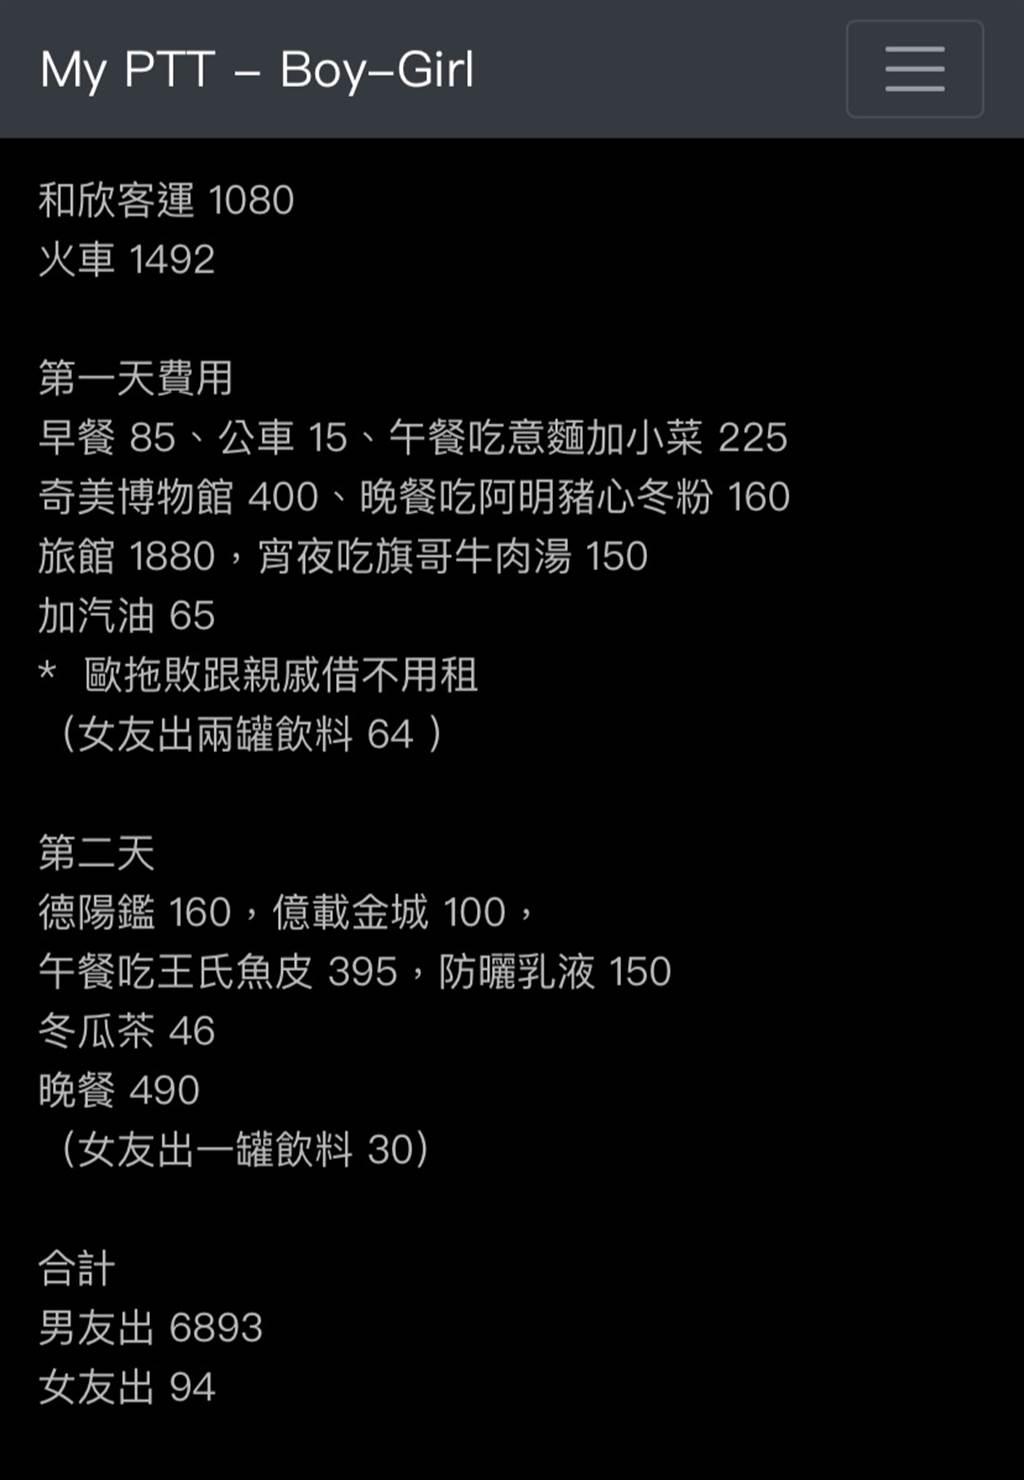 男網友詳細列出2天1夜的詳細花費。(圖擷取自PTT)